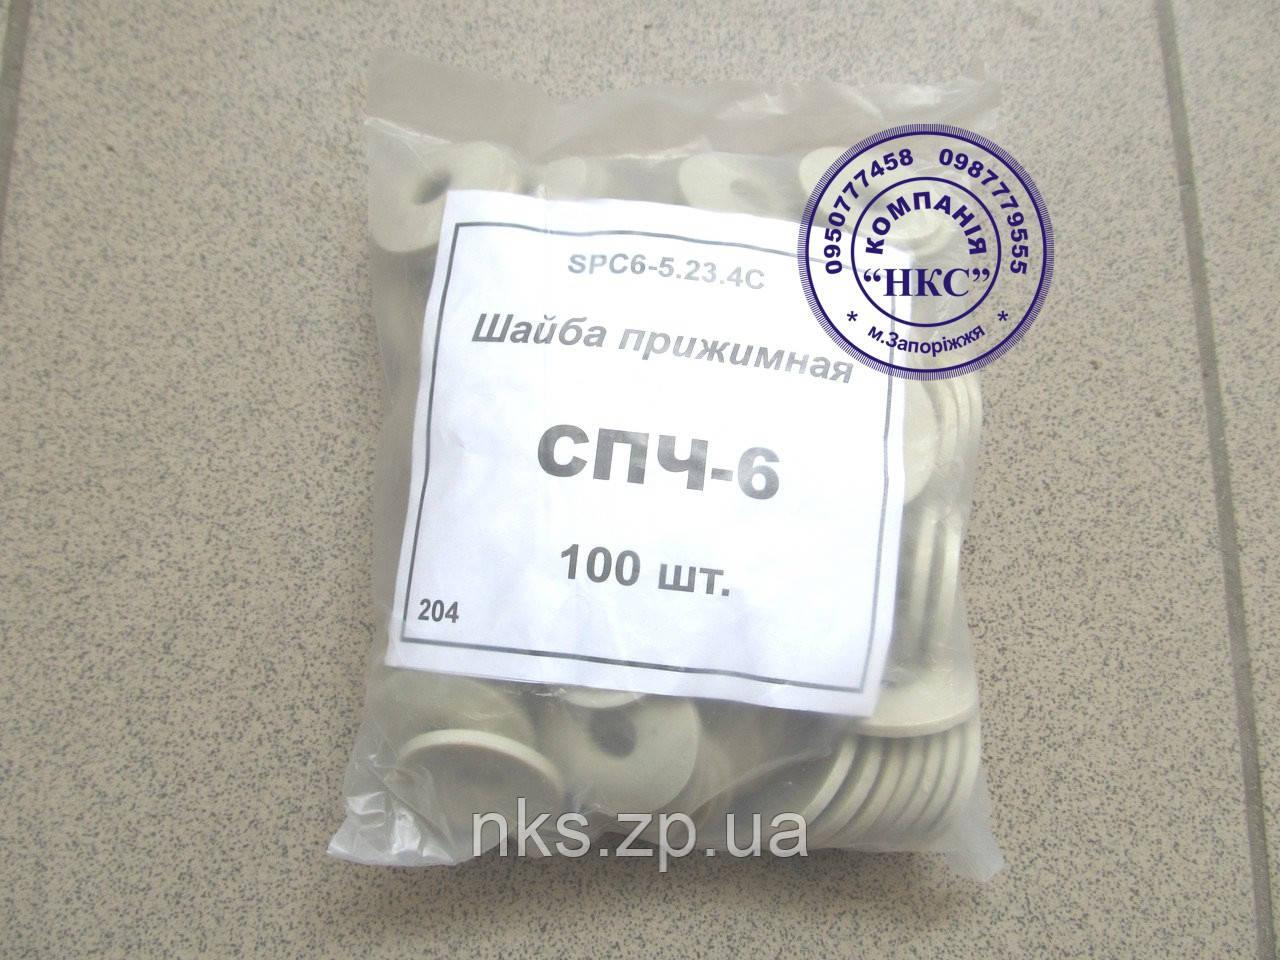 Шайба прижимная СПЧ-6 100 шт